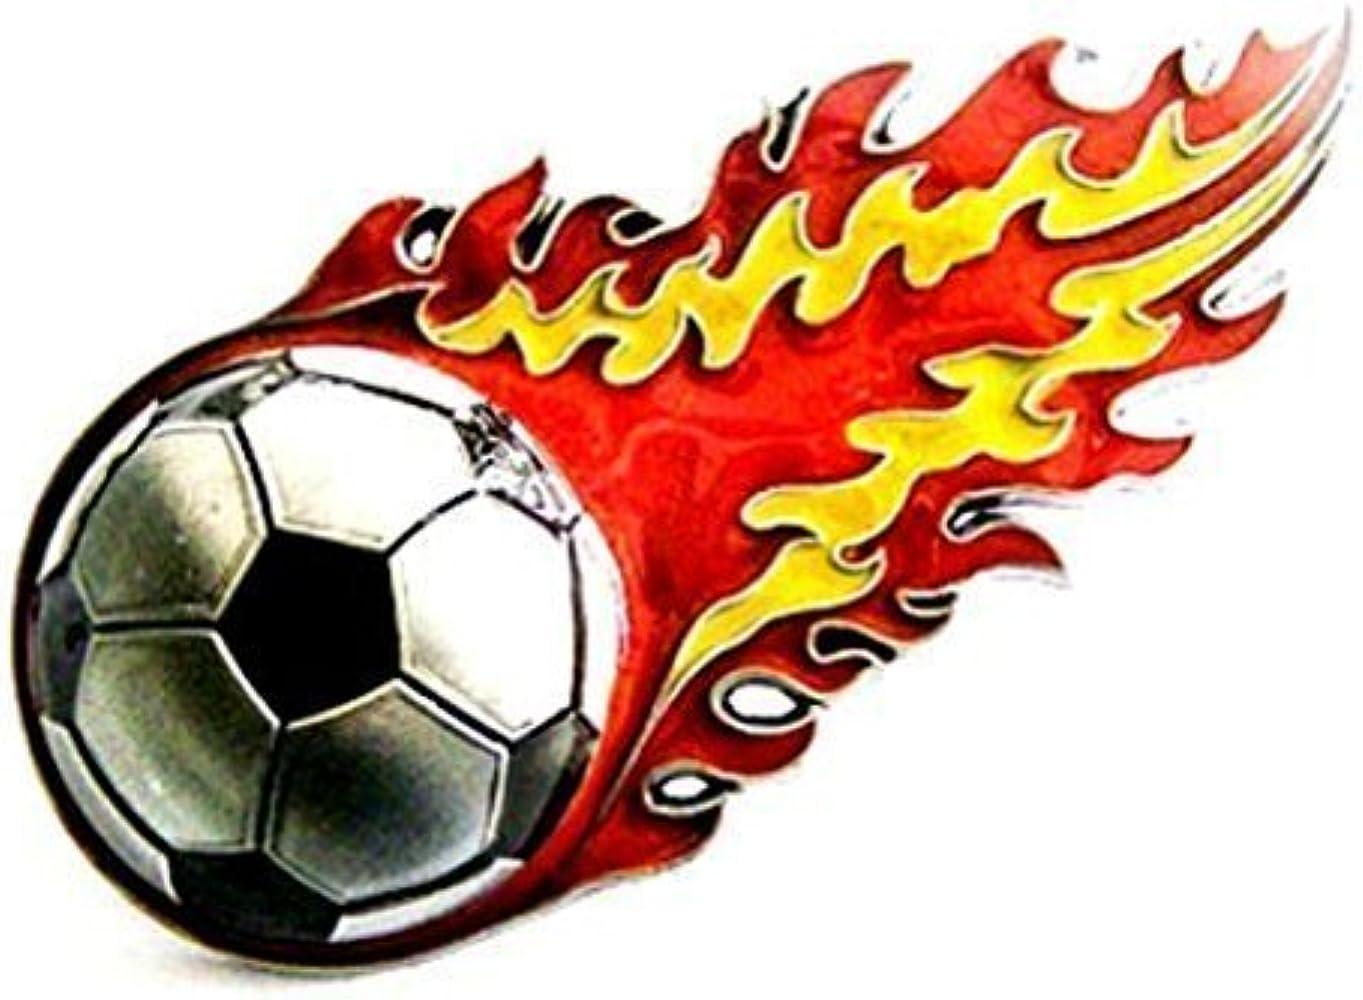 Marcas de fútbol, fuego la cola, España - hebilla de cinturón ...